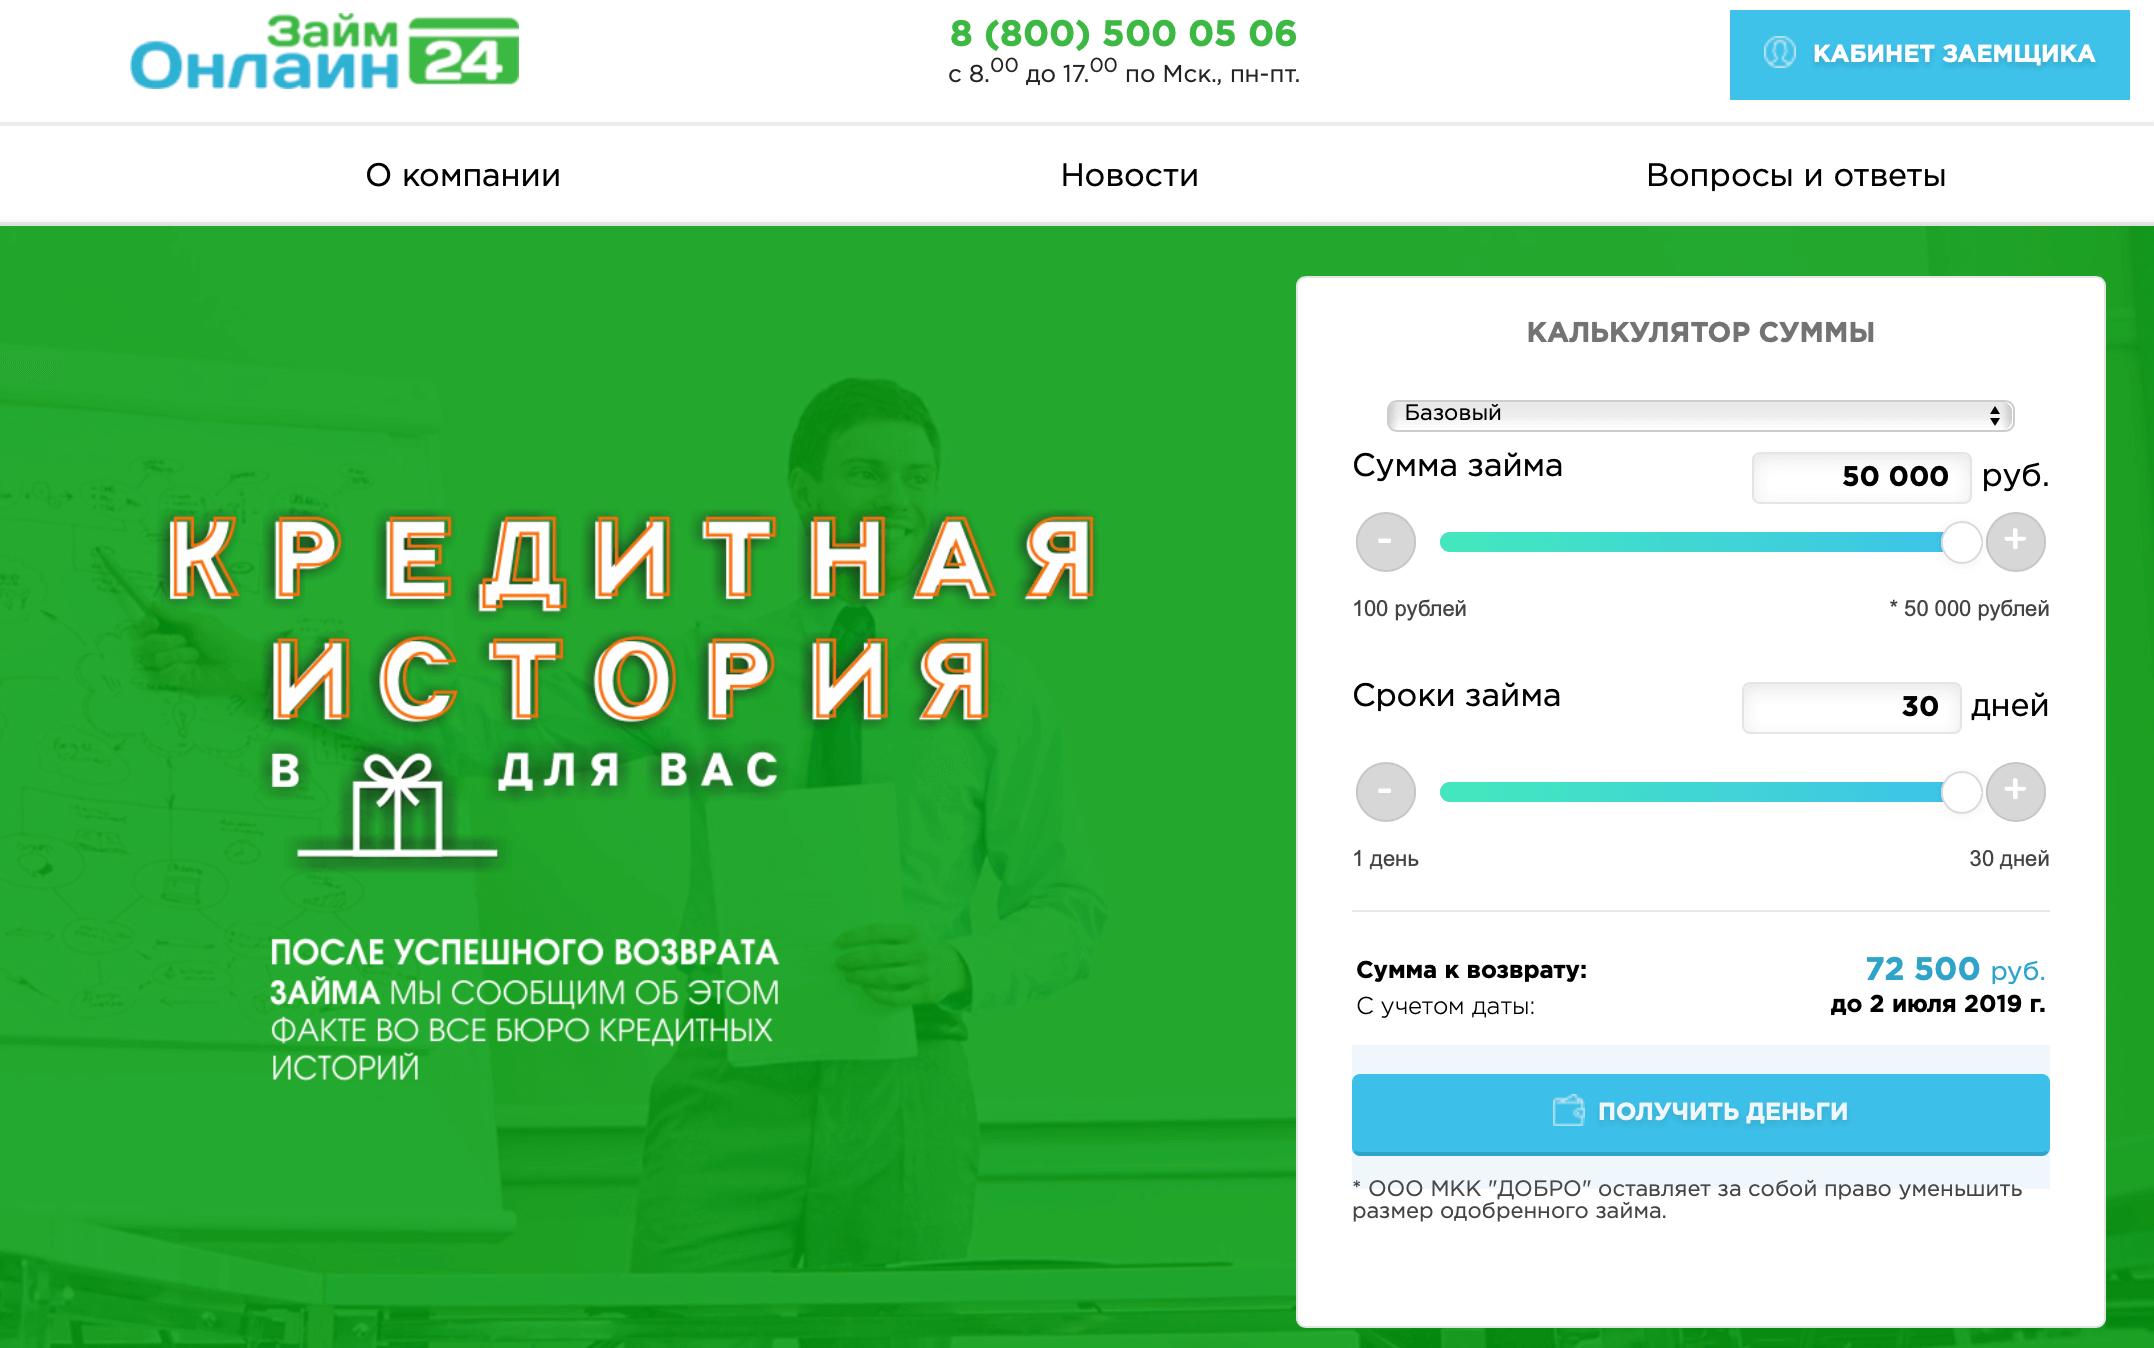 кредит 24 займ официальный сайт